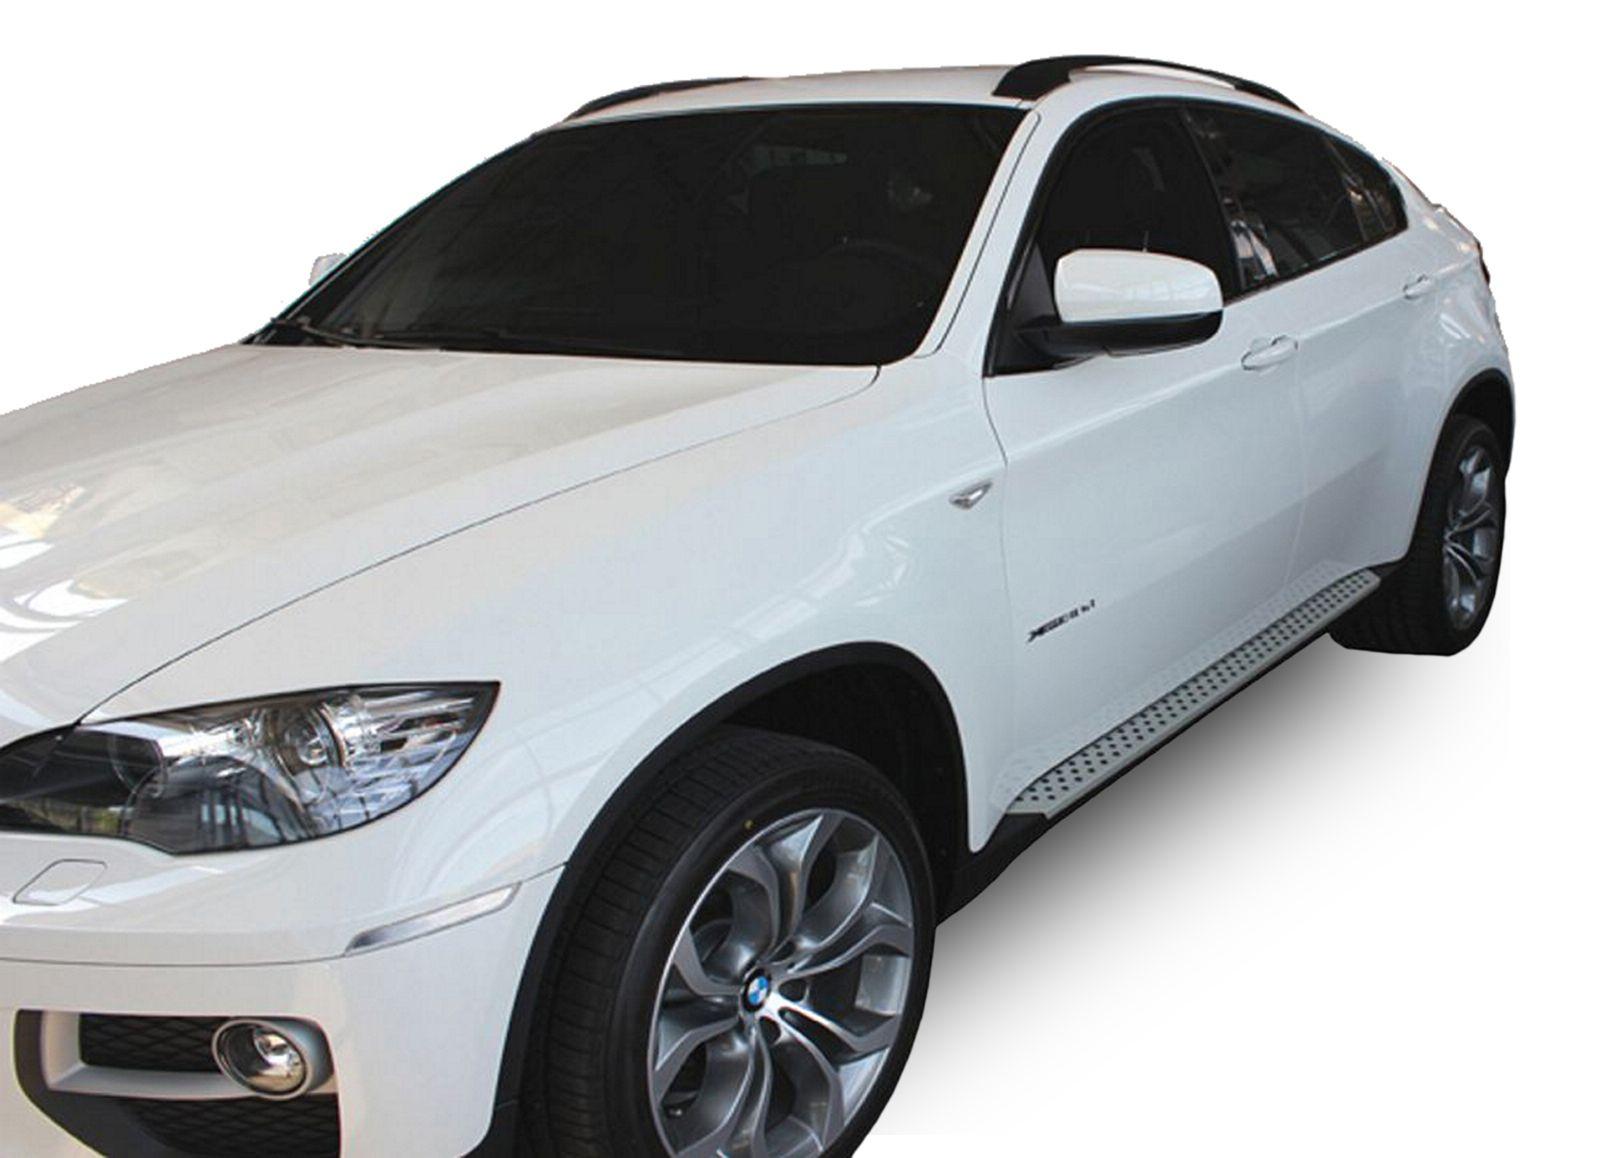 Bočné nášľapy BMW X6 2008-2014